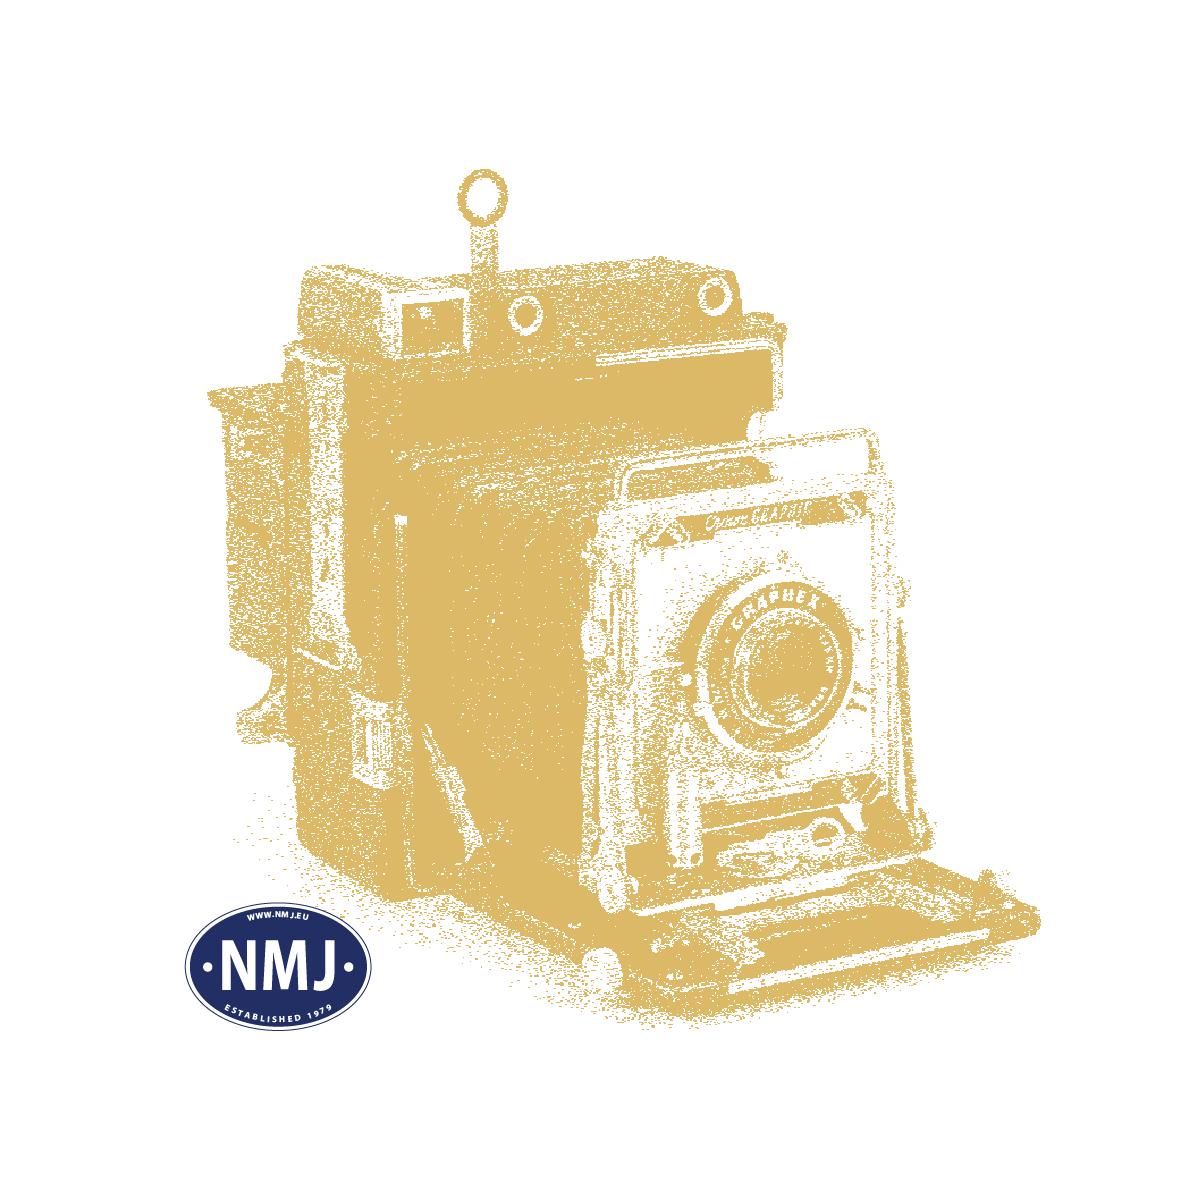 NMJT504.304 - NMJ Topline NSB G5 44258, Original Versjon